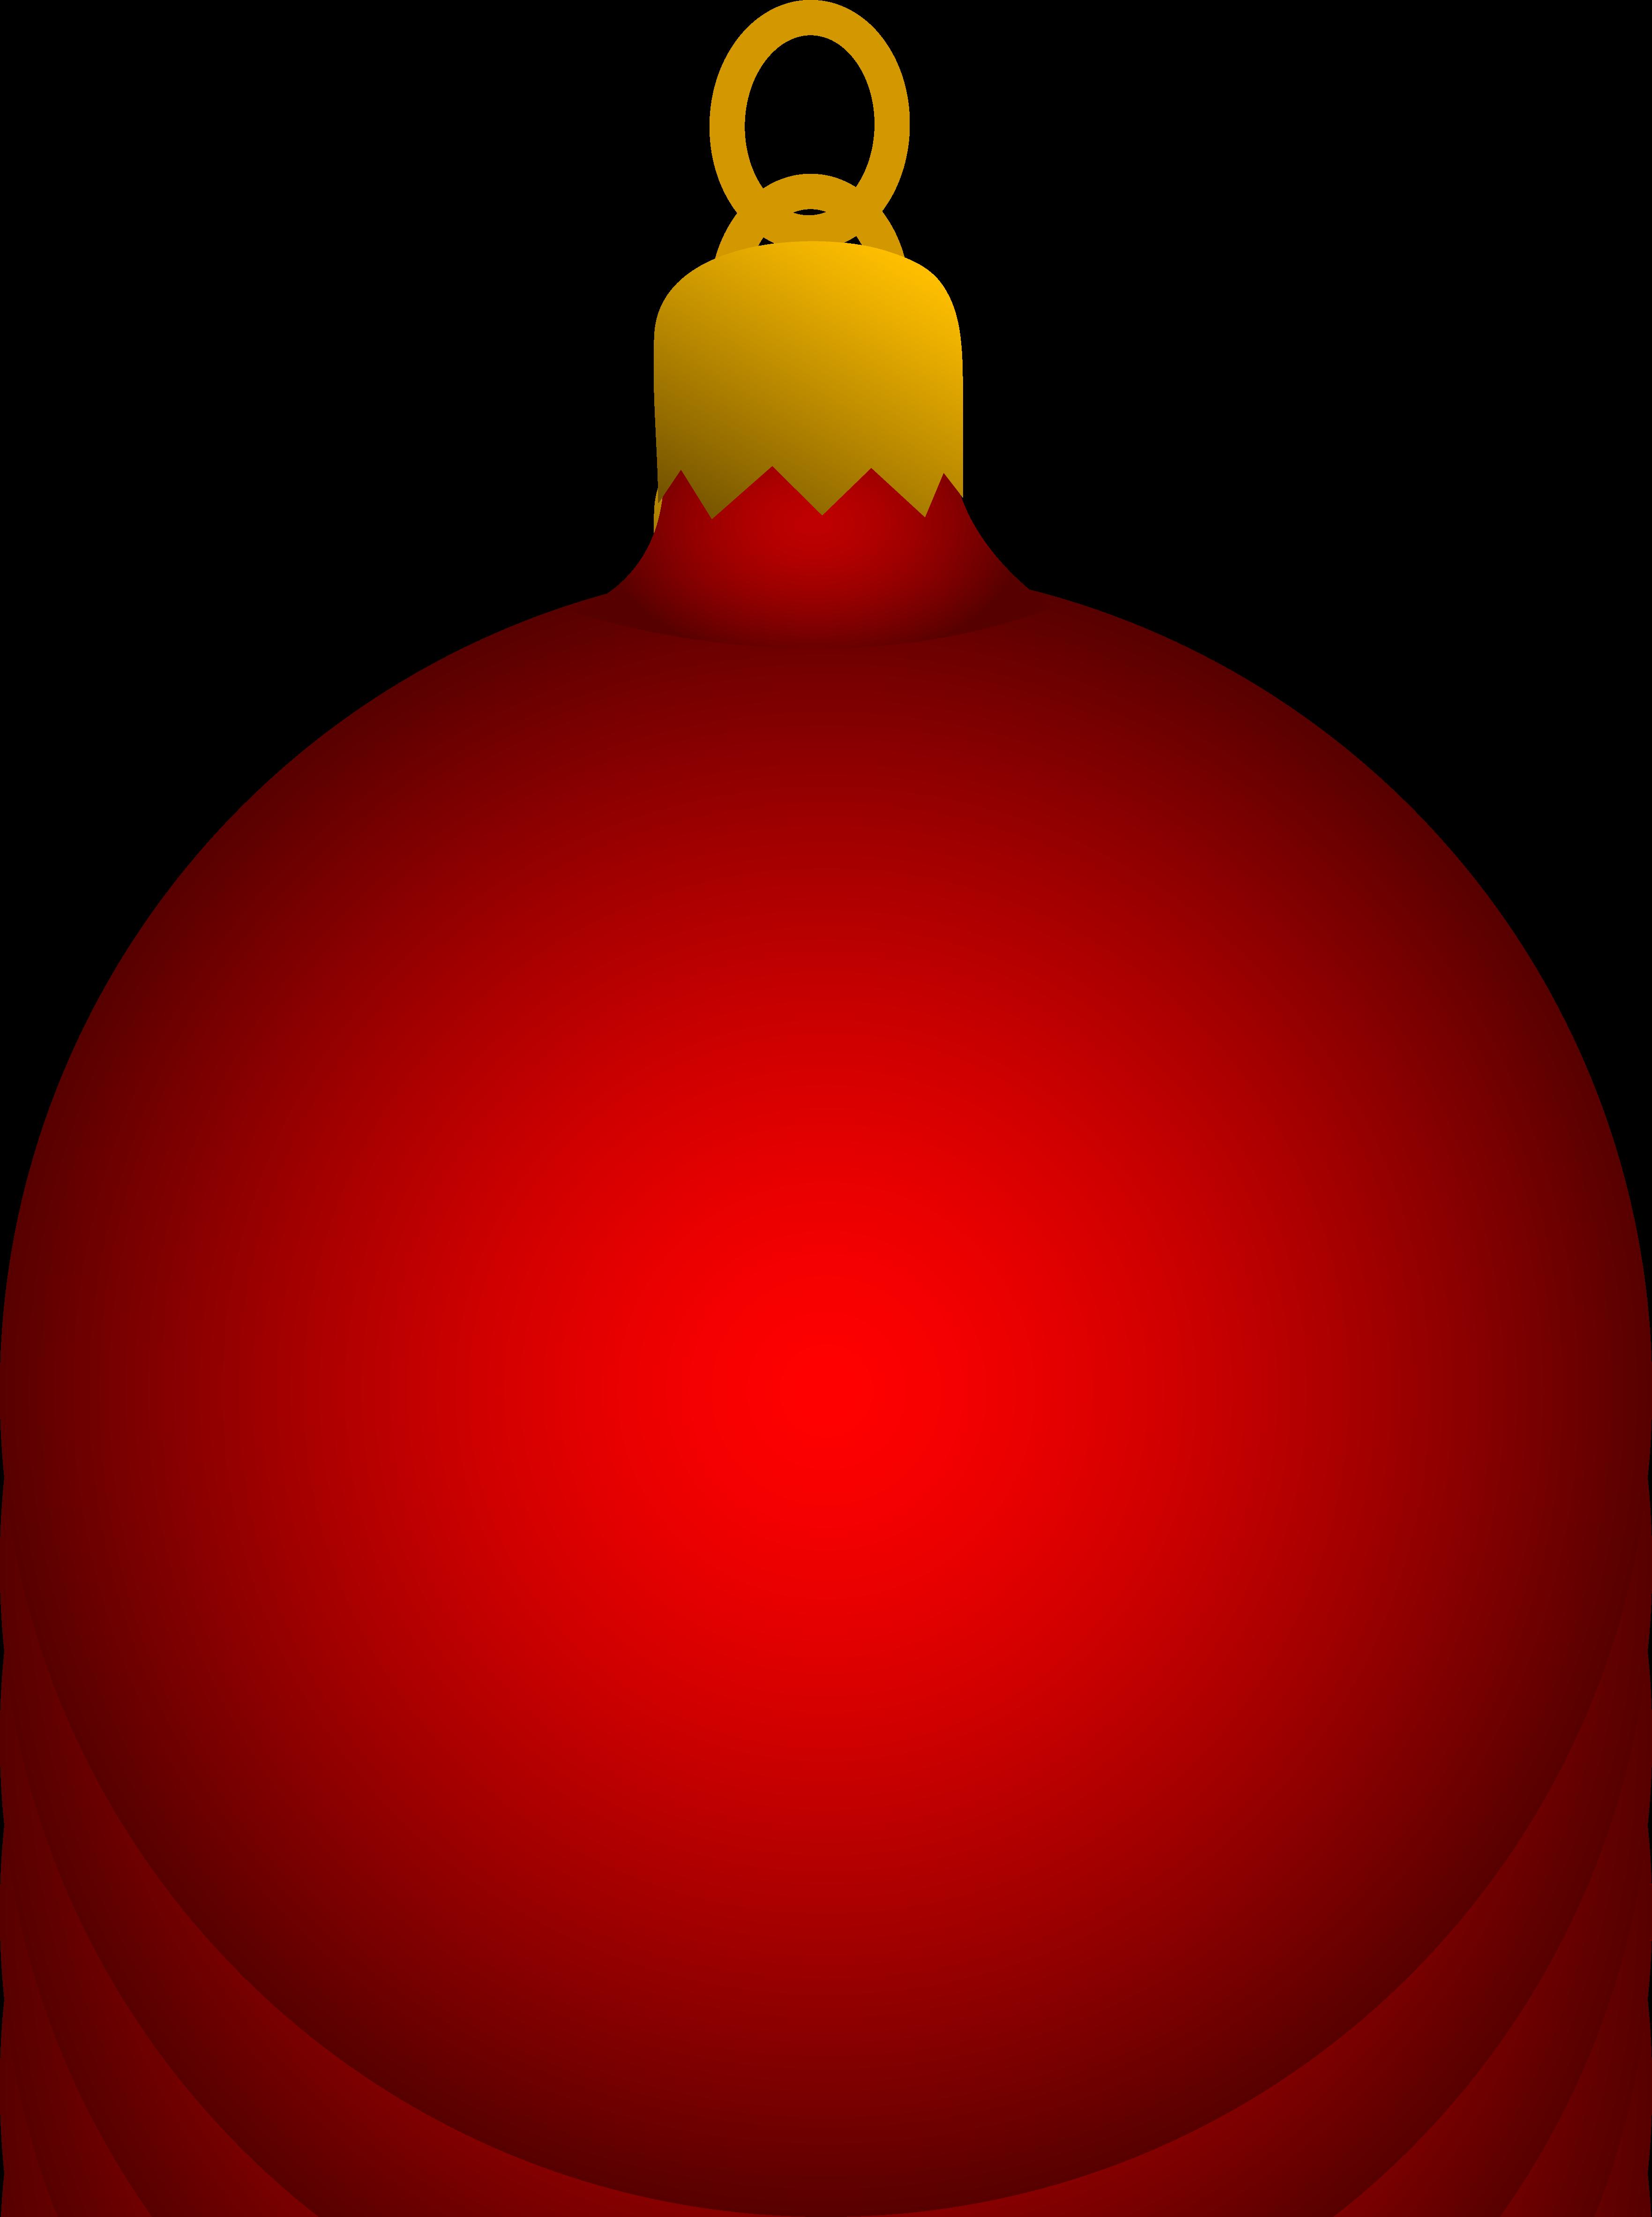 60 Cool Christmas Clipart Designs Imagenes De Navidad Navidad